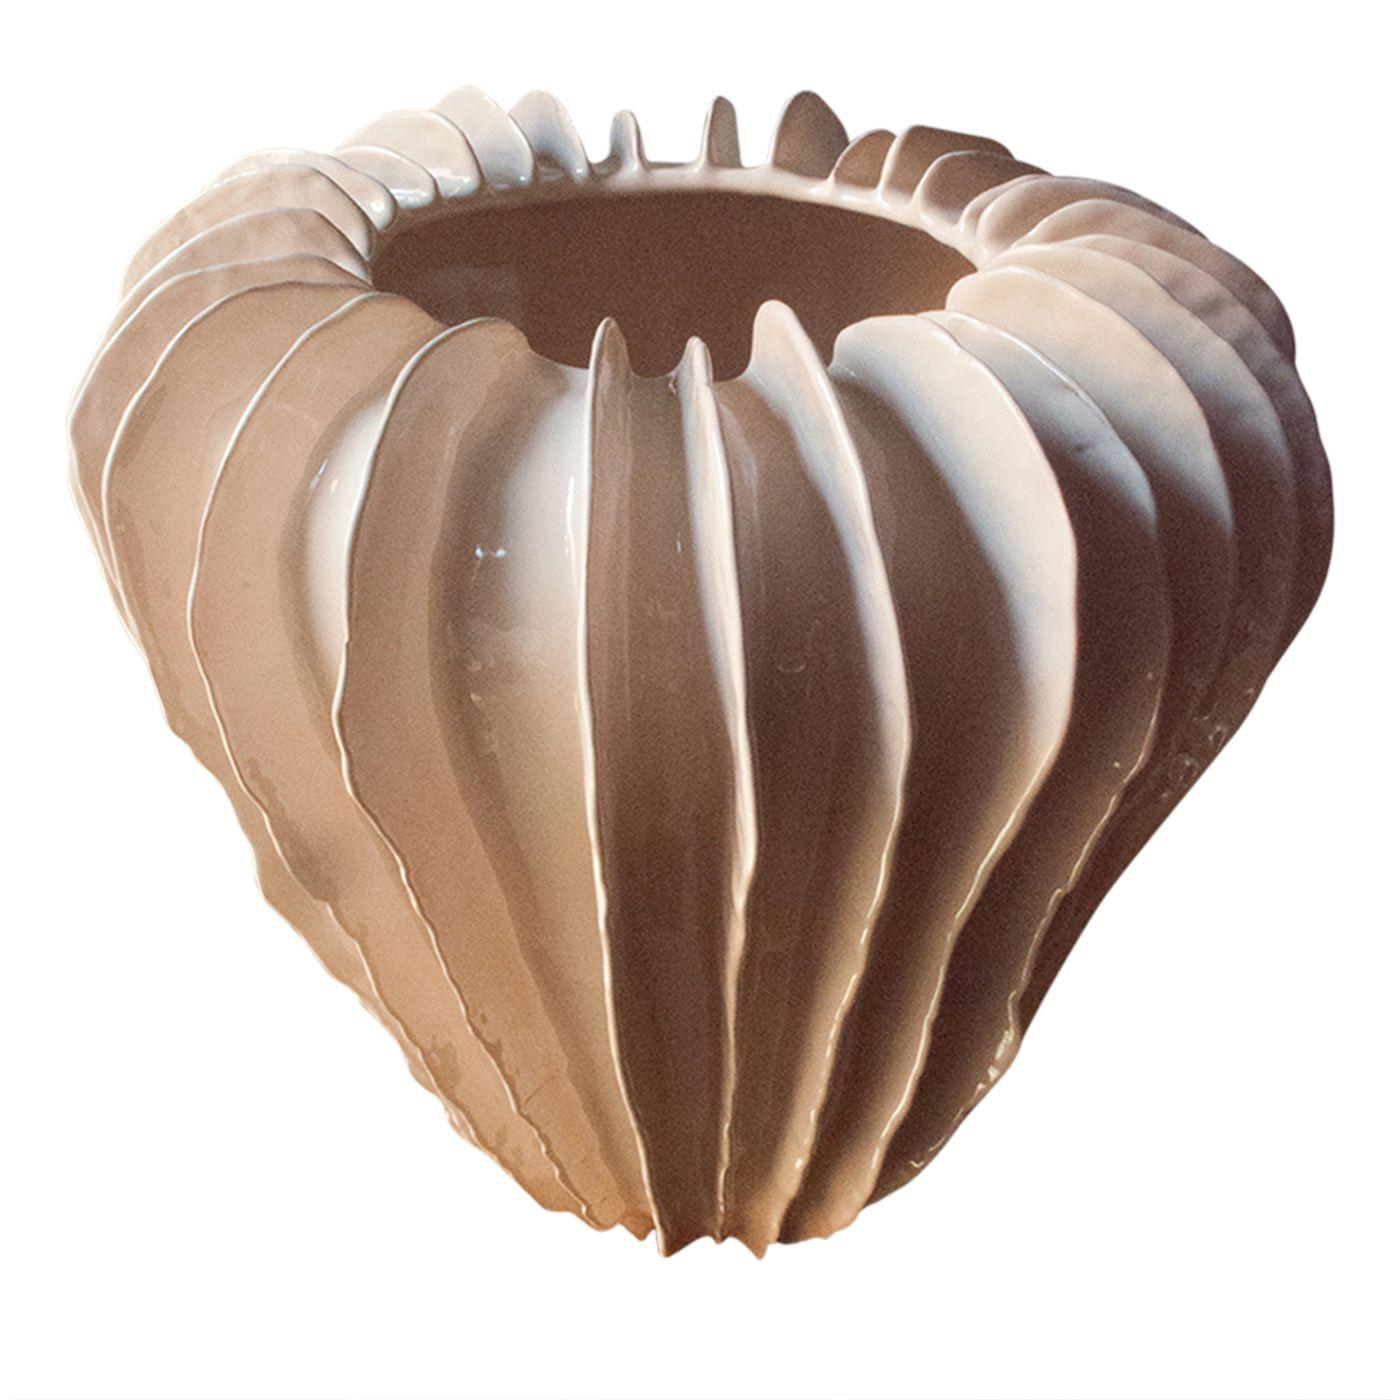 Khloris cream ceramic vase shop nb milano online at artemest khloris cream ceramic vase shop nb milano online at artemest reviewsmspy